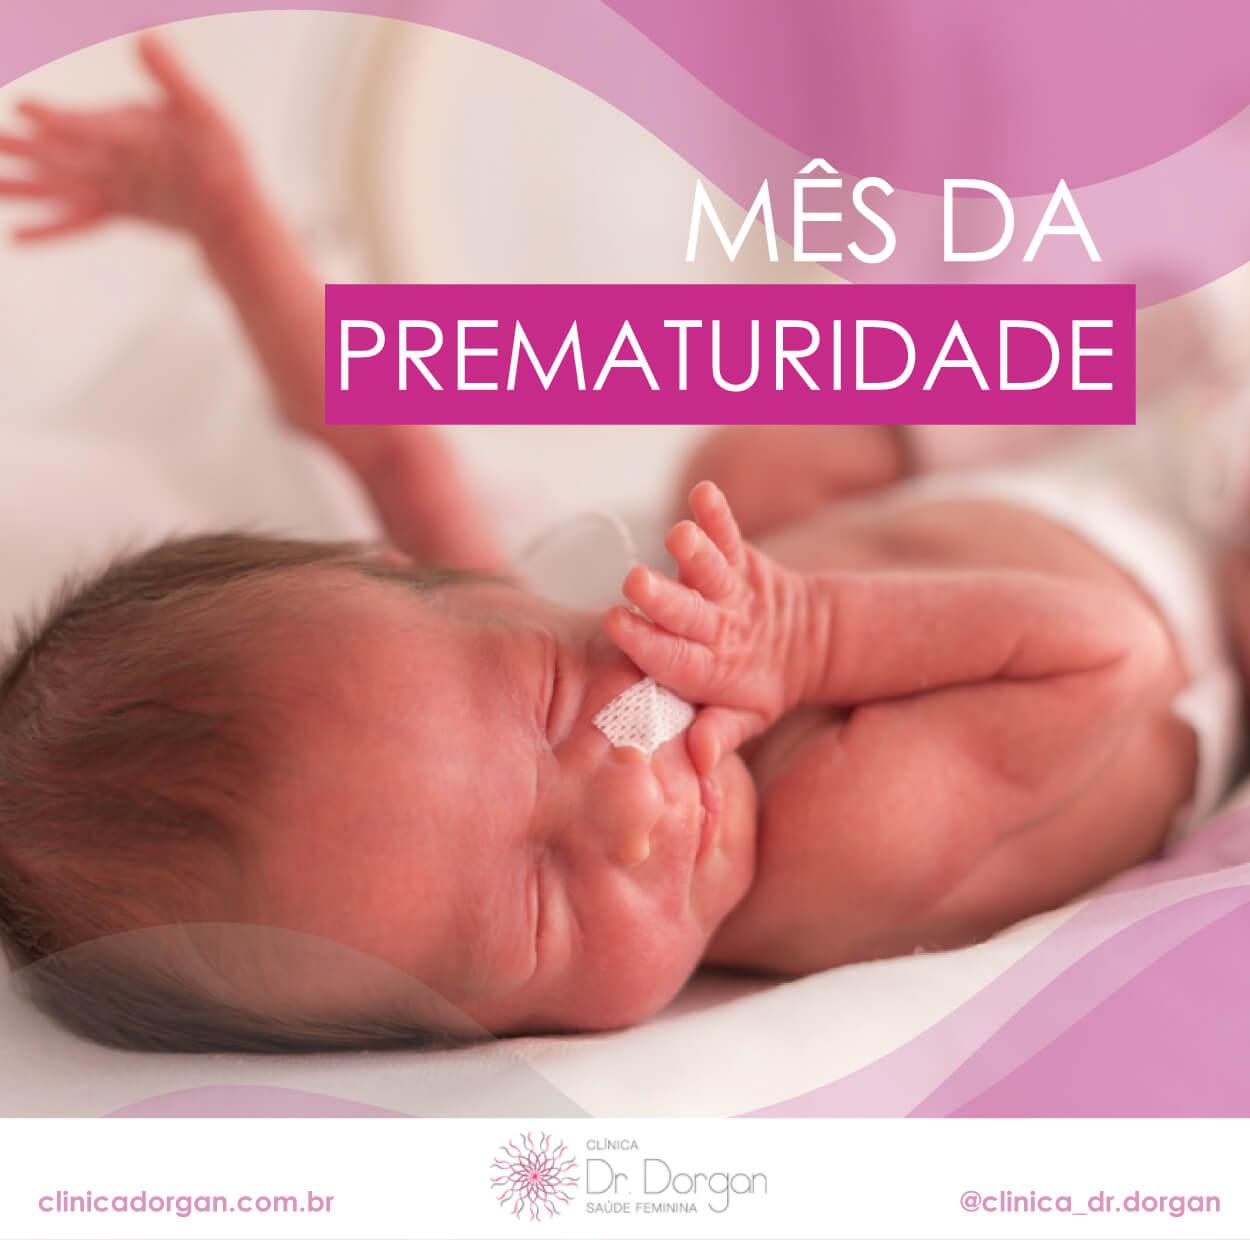 Mês da Prematuridade - Clínica Doutor Dorgan